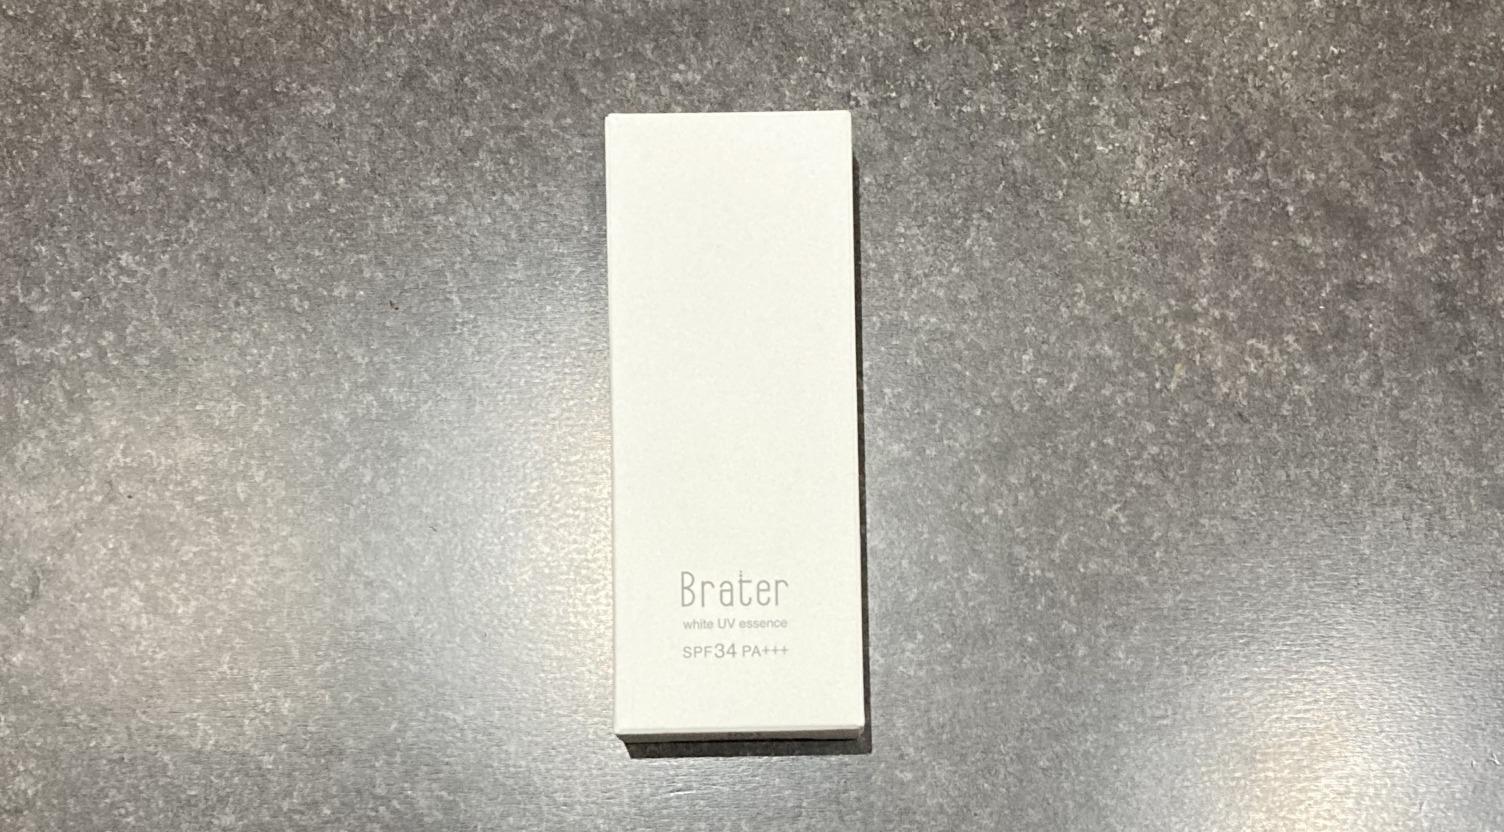 ブレイター(Brater)薬用UV美容液のレビュー&口コミ メンズ日焼け止め